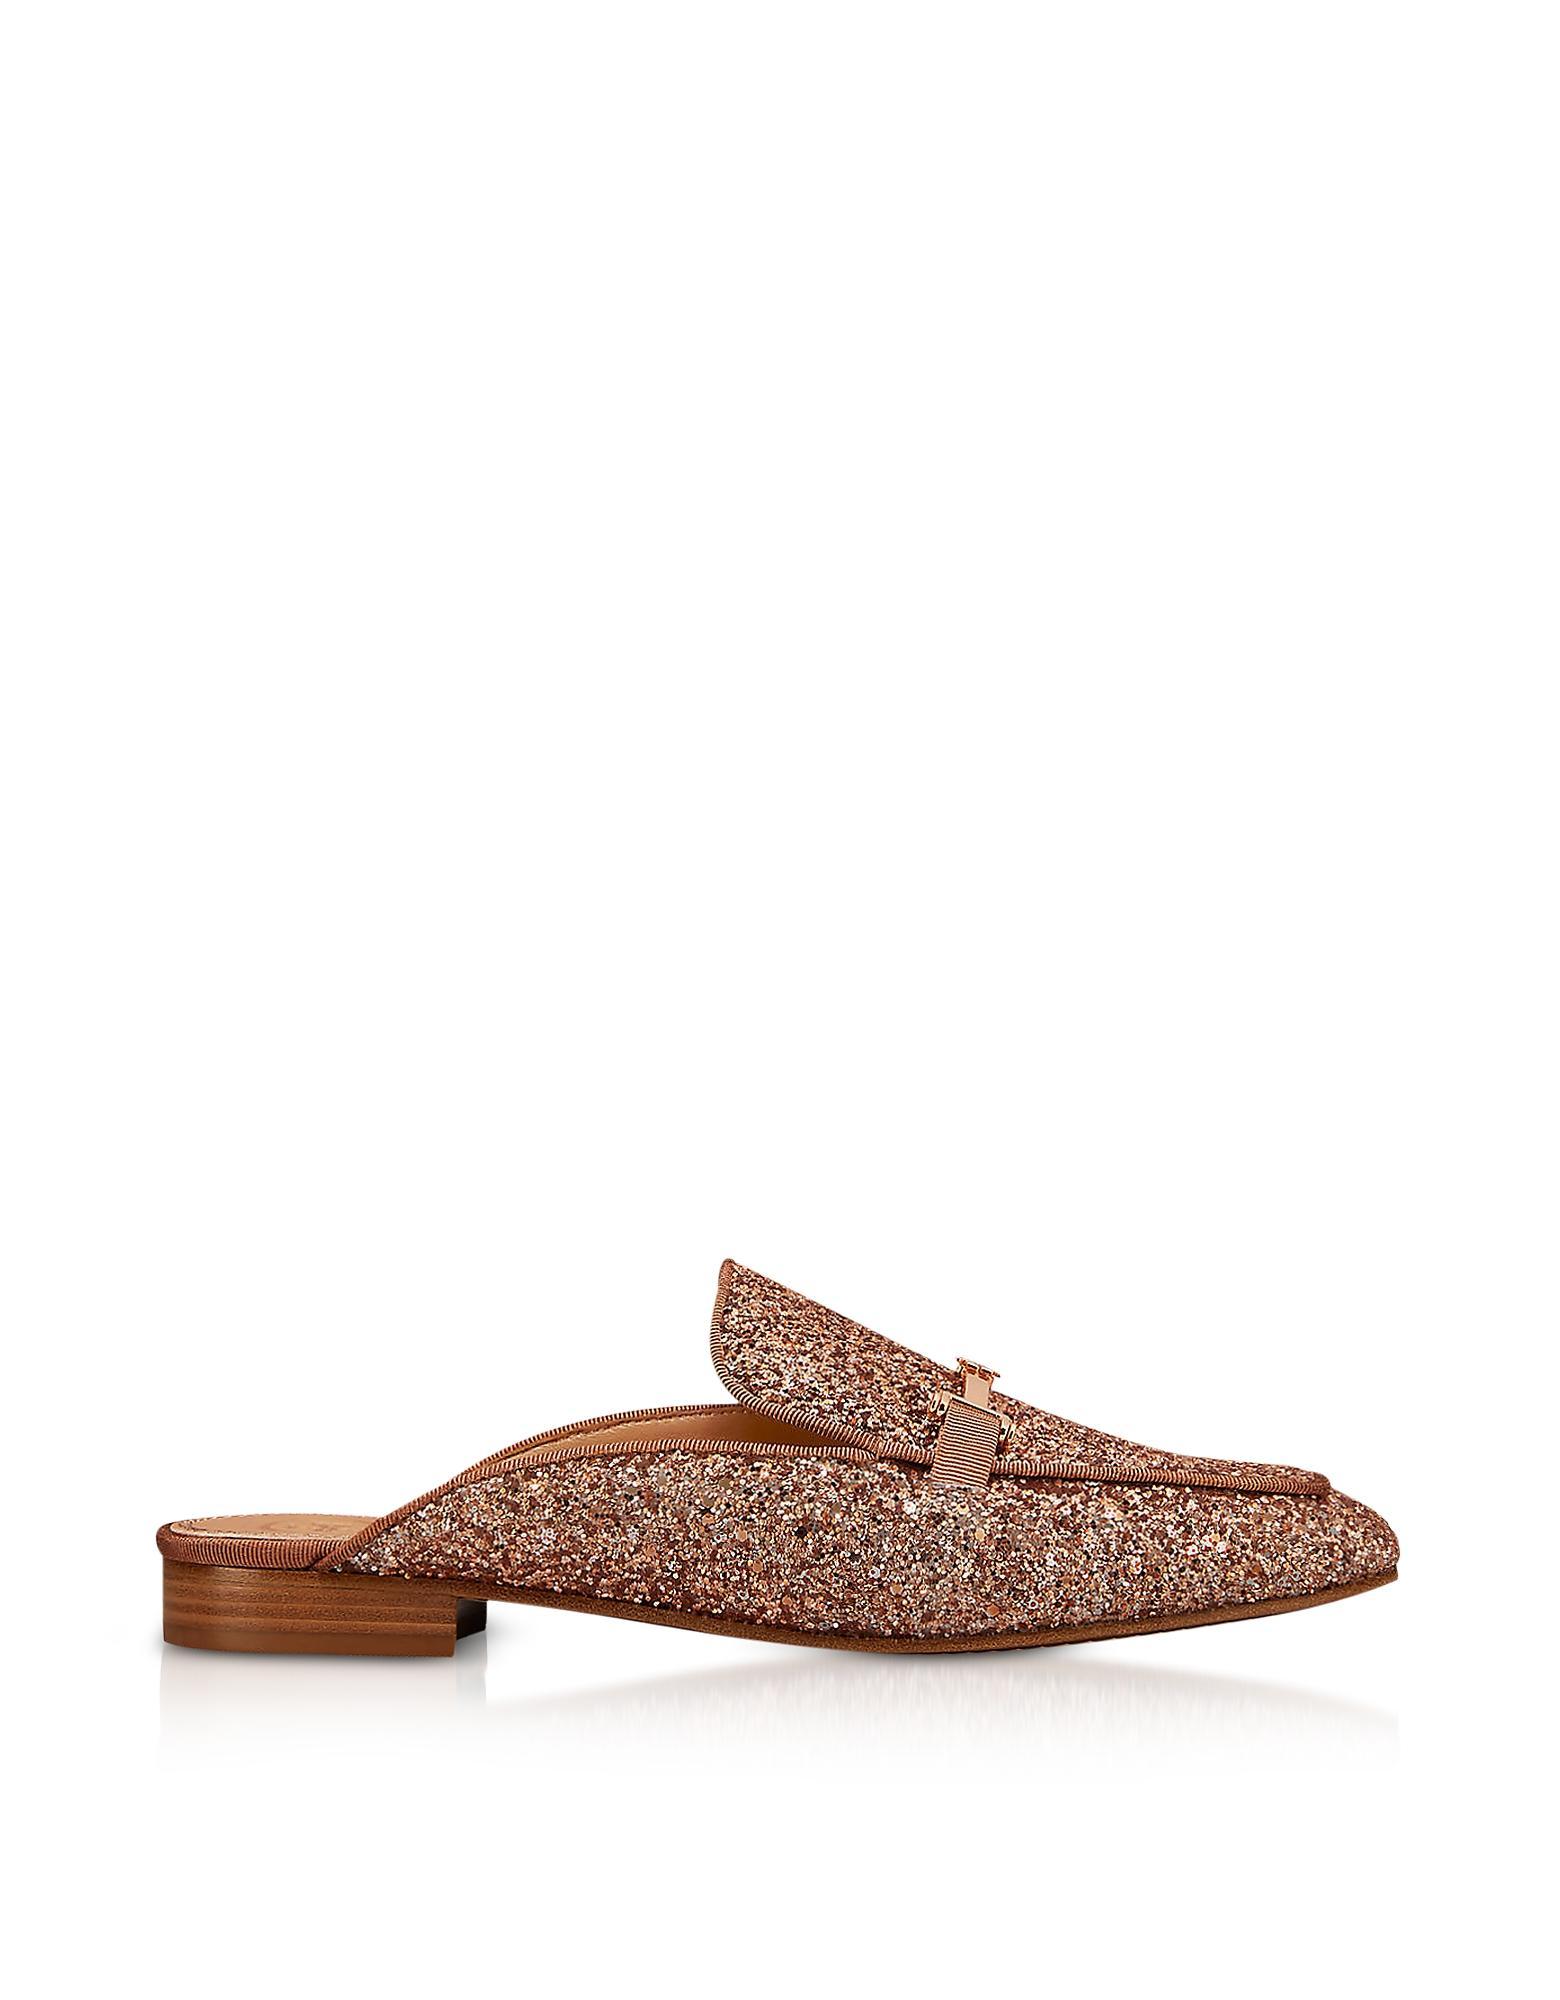 b419b99e0509 Tory Burch Amelia Glitter Rose Gold Mules in Brown - Lyst